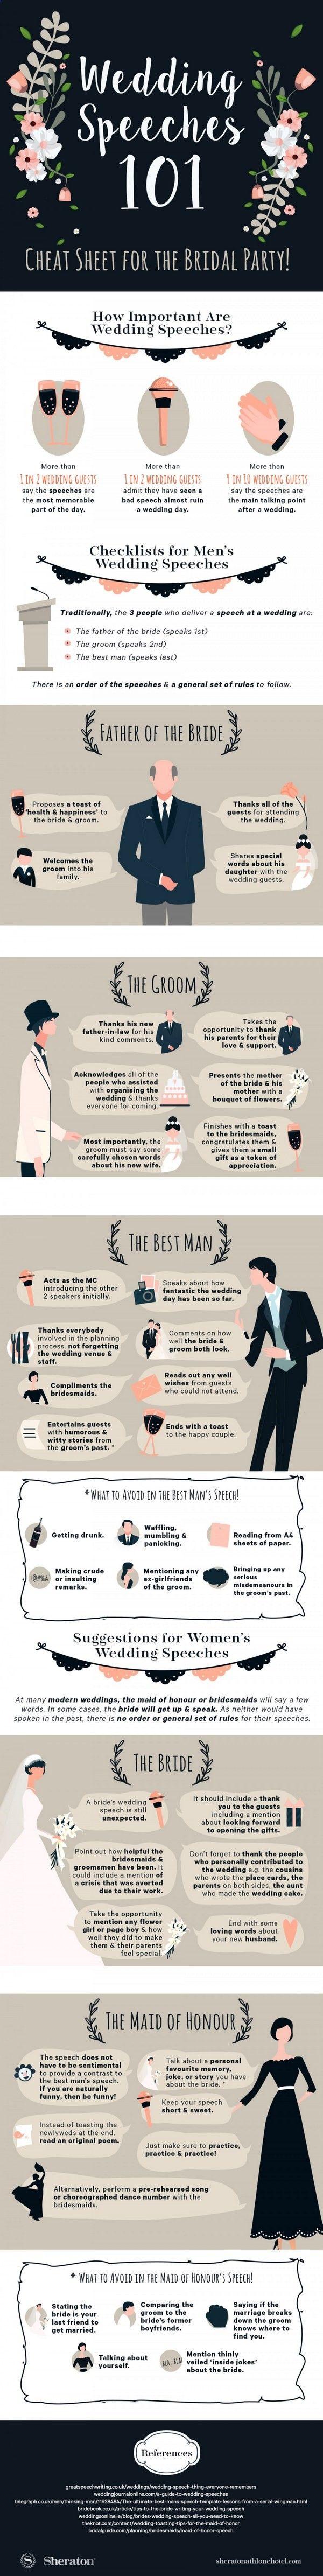 wedding speeches 101 infographic / www.deerpearlflow...